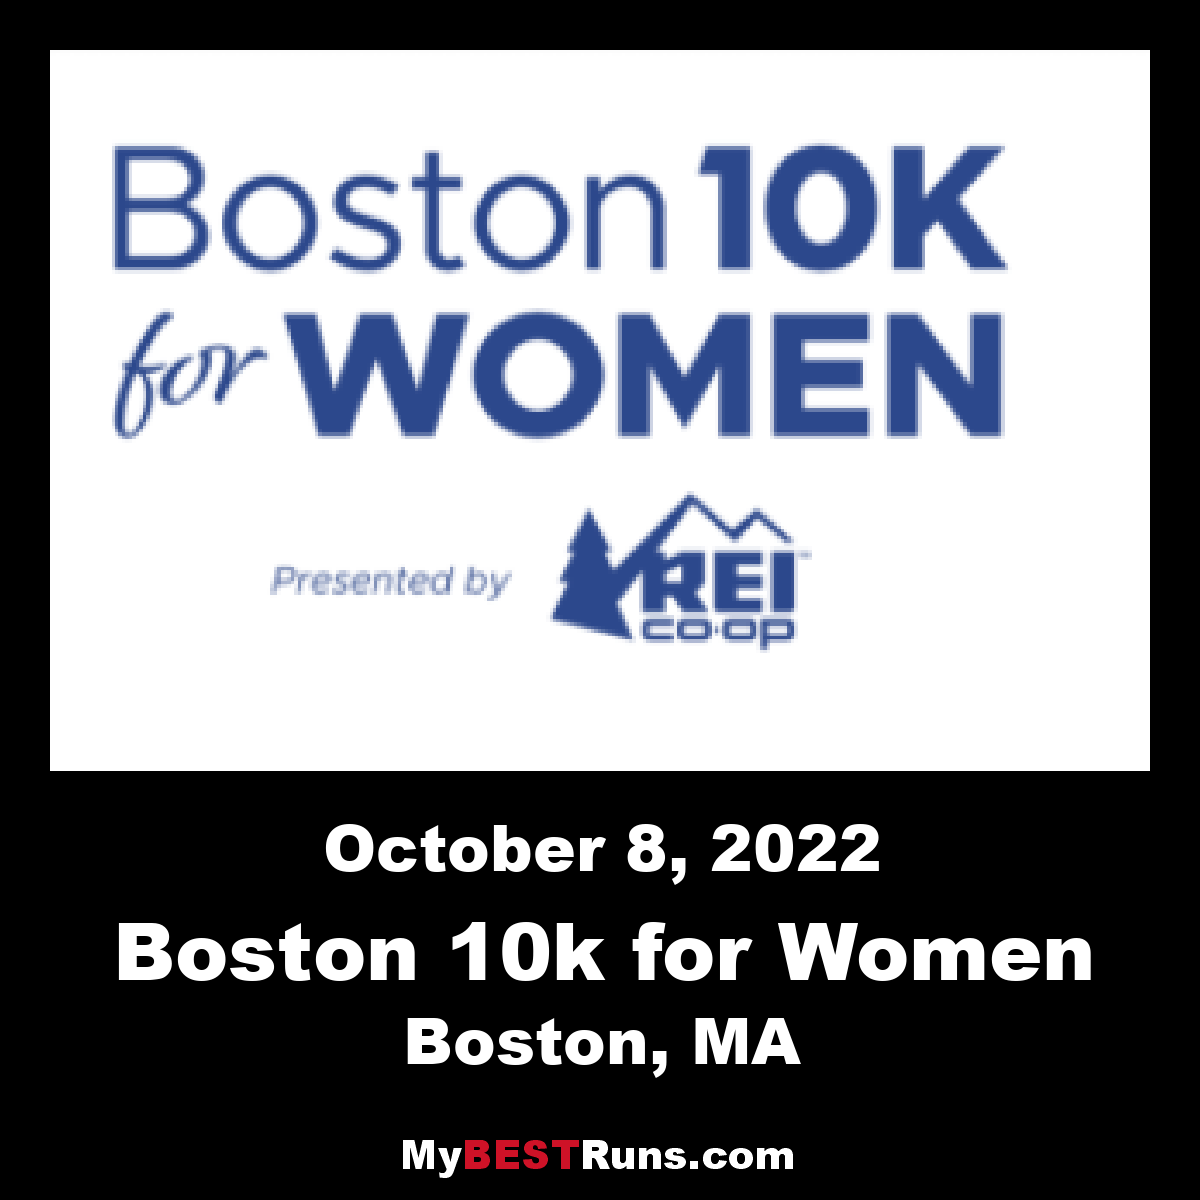 Boston 10K for Women